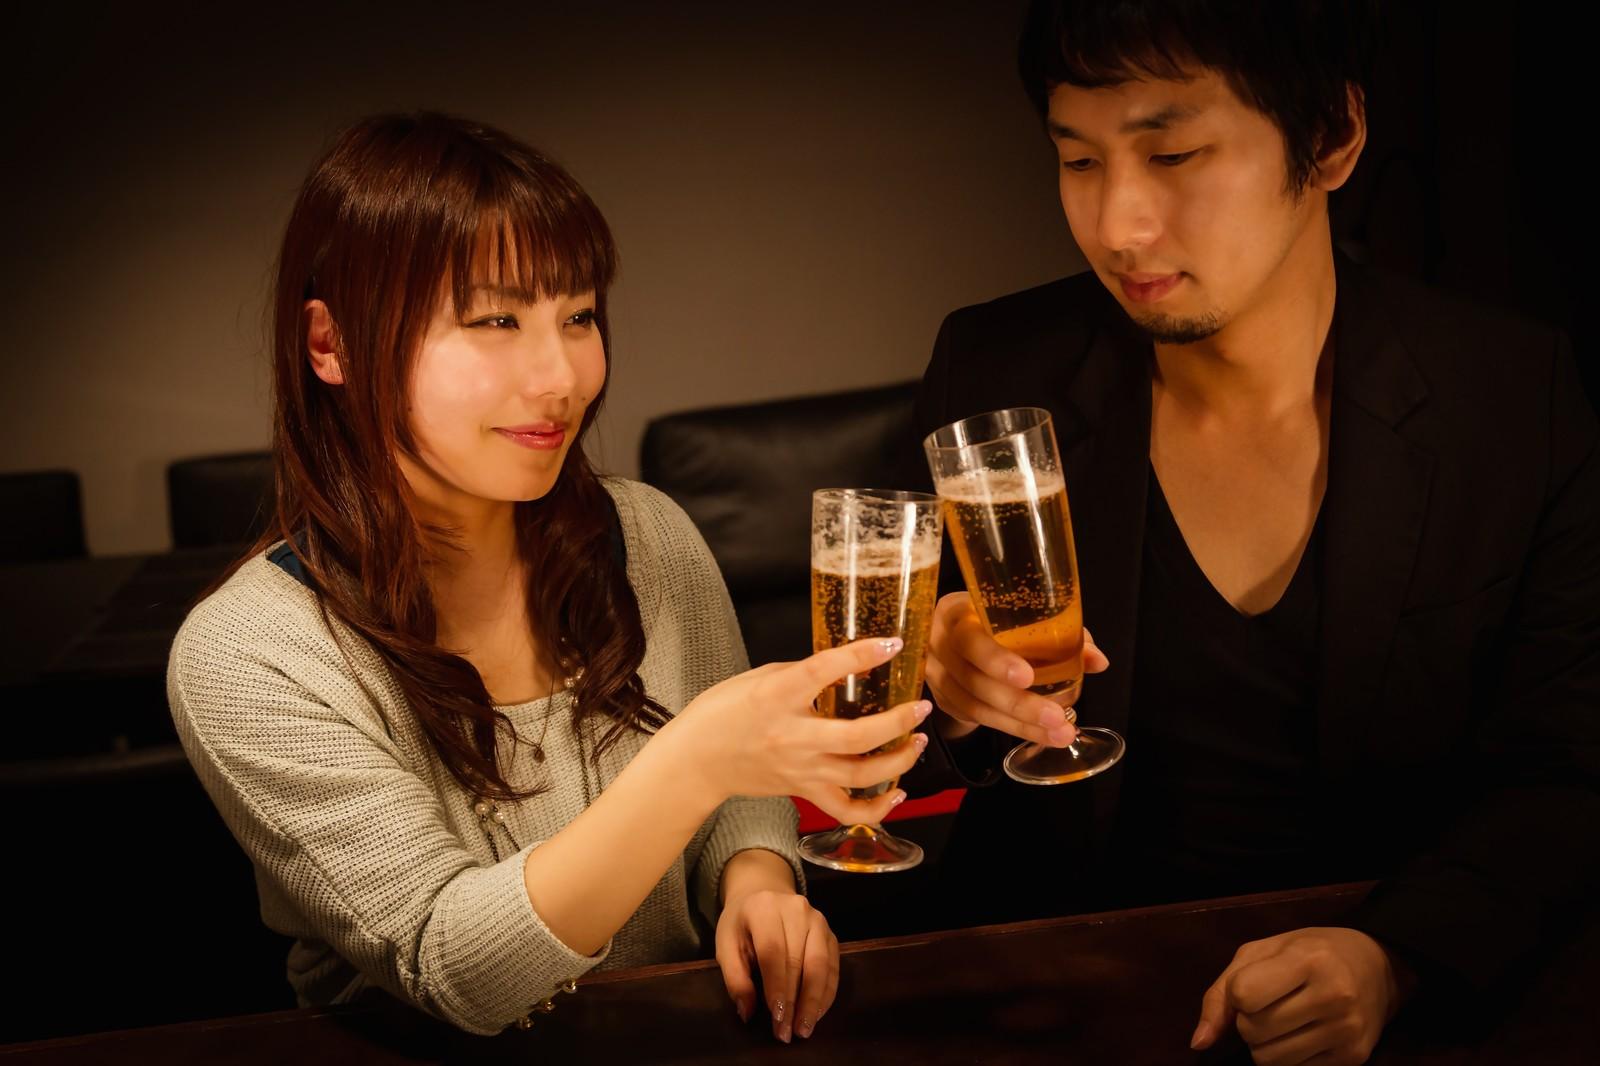 新宿三丁目の居酒屋・個室有りのおすすめ店は?デートや合コンに使いたい!